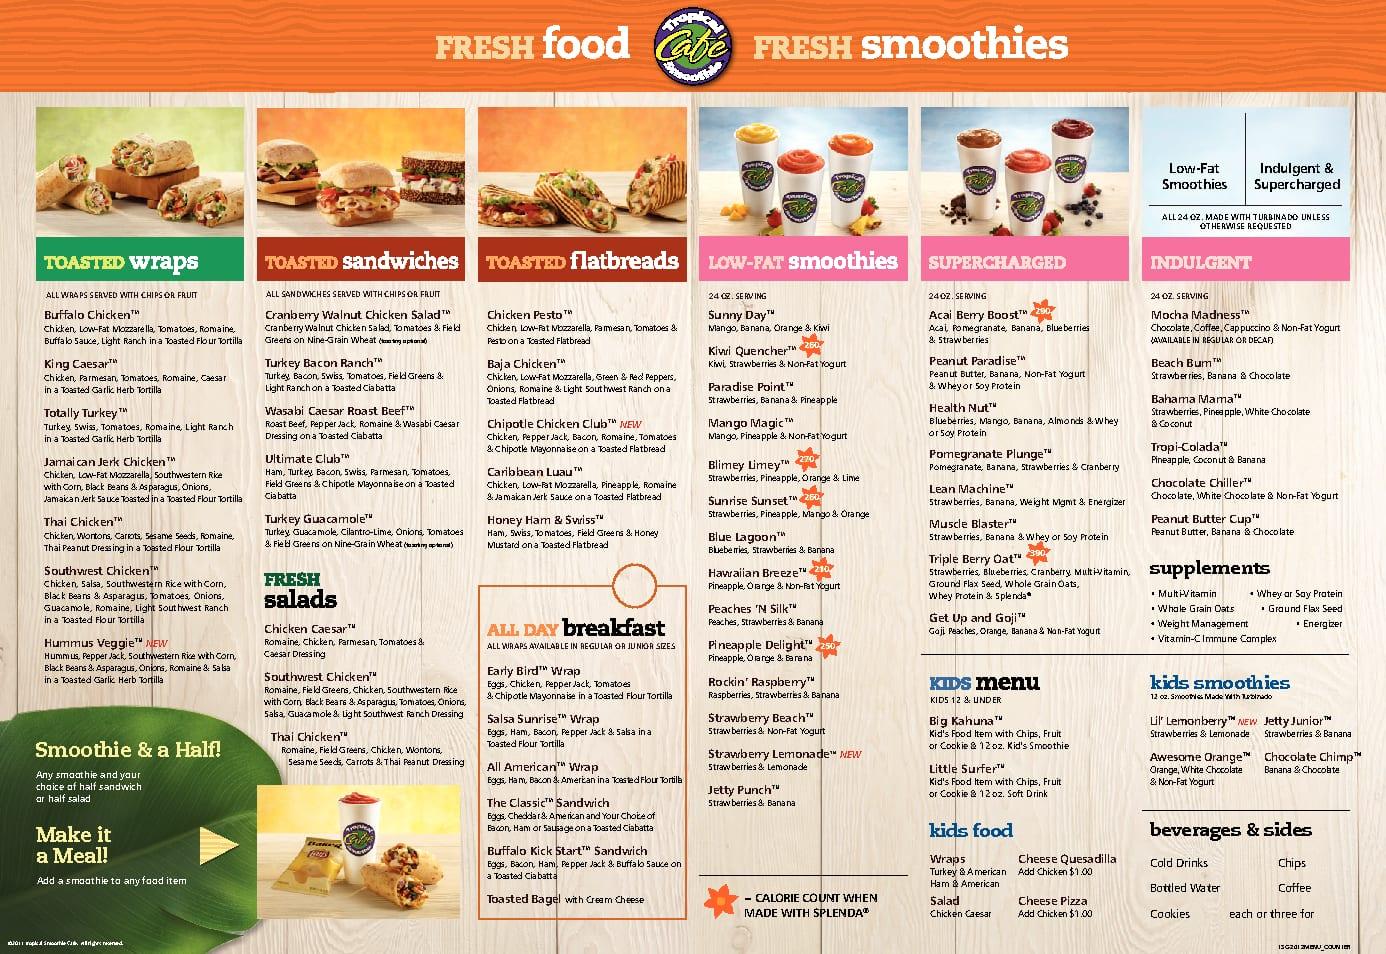 Tropical Smoothie Cafe Menu Nutrition Avocolada